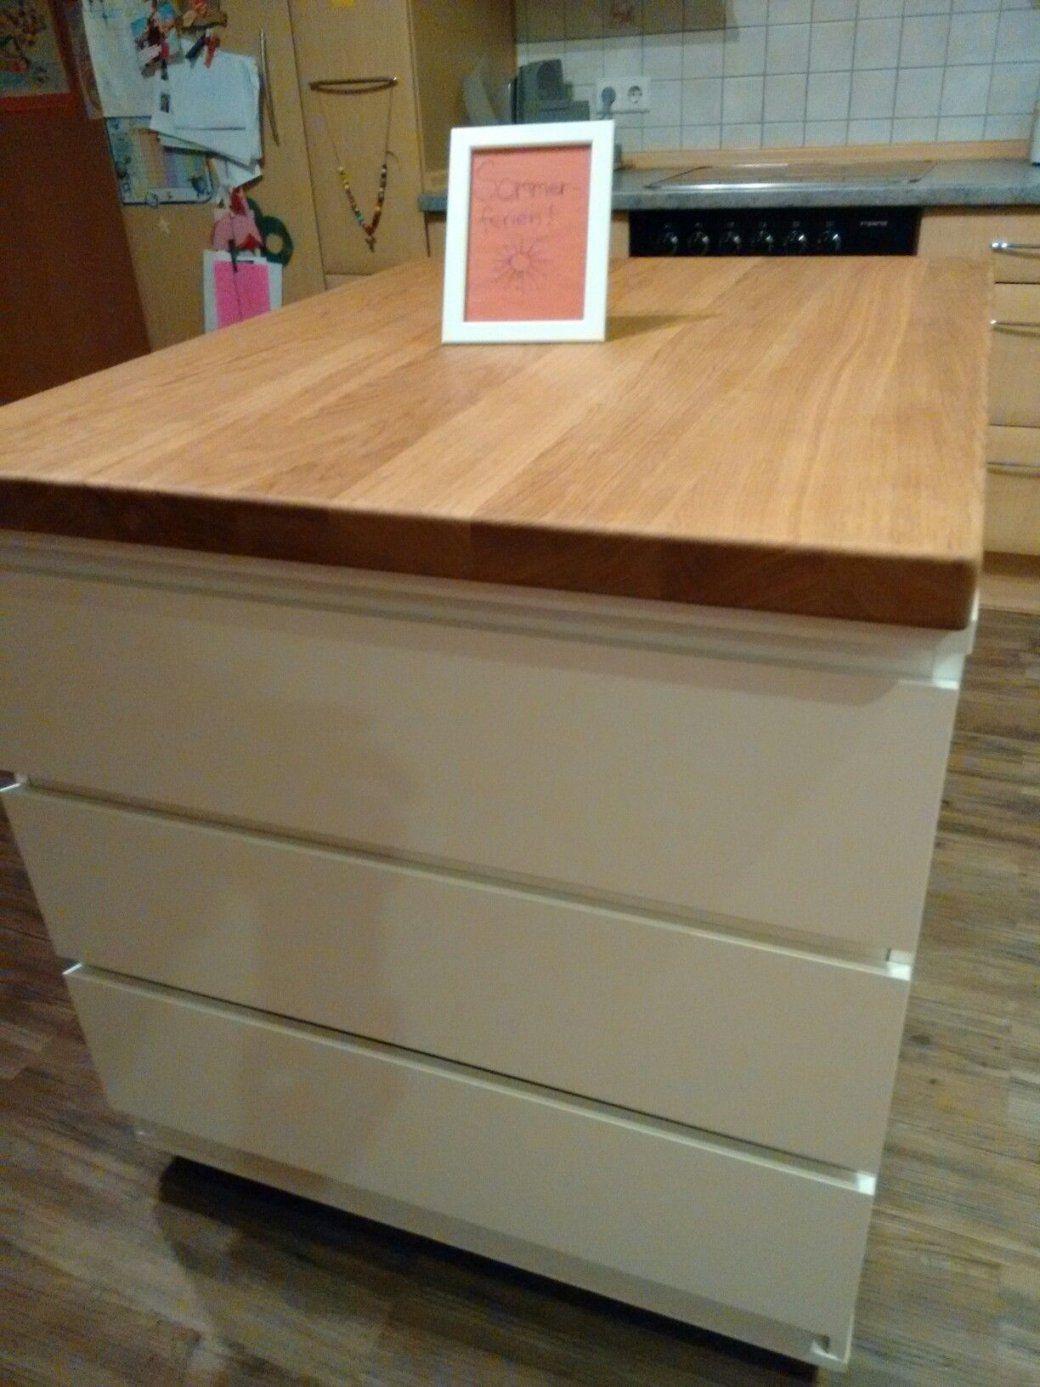 Unsere Neue Kücheninsel Toll Mit 6 Schubladen Günstig Selber Bauen von Kücheninsel Mit Theke Selber Bauen Bild